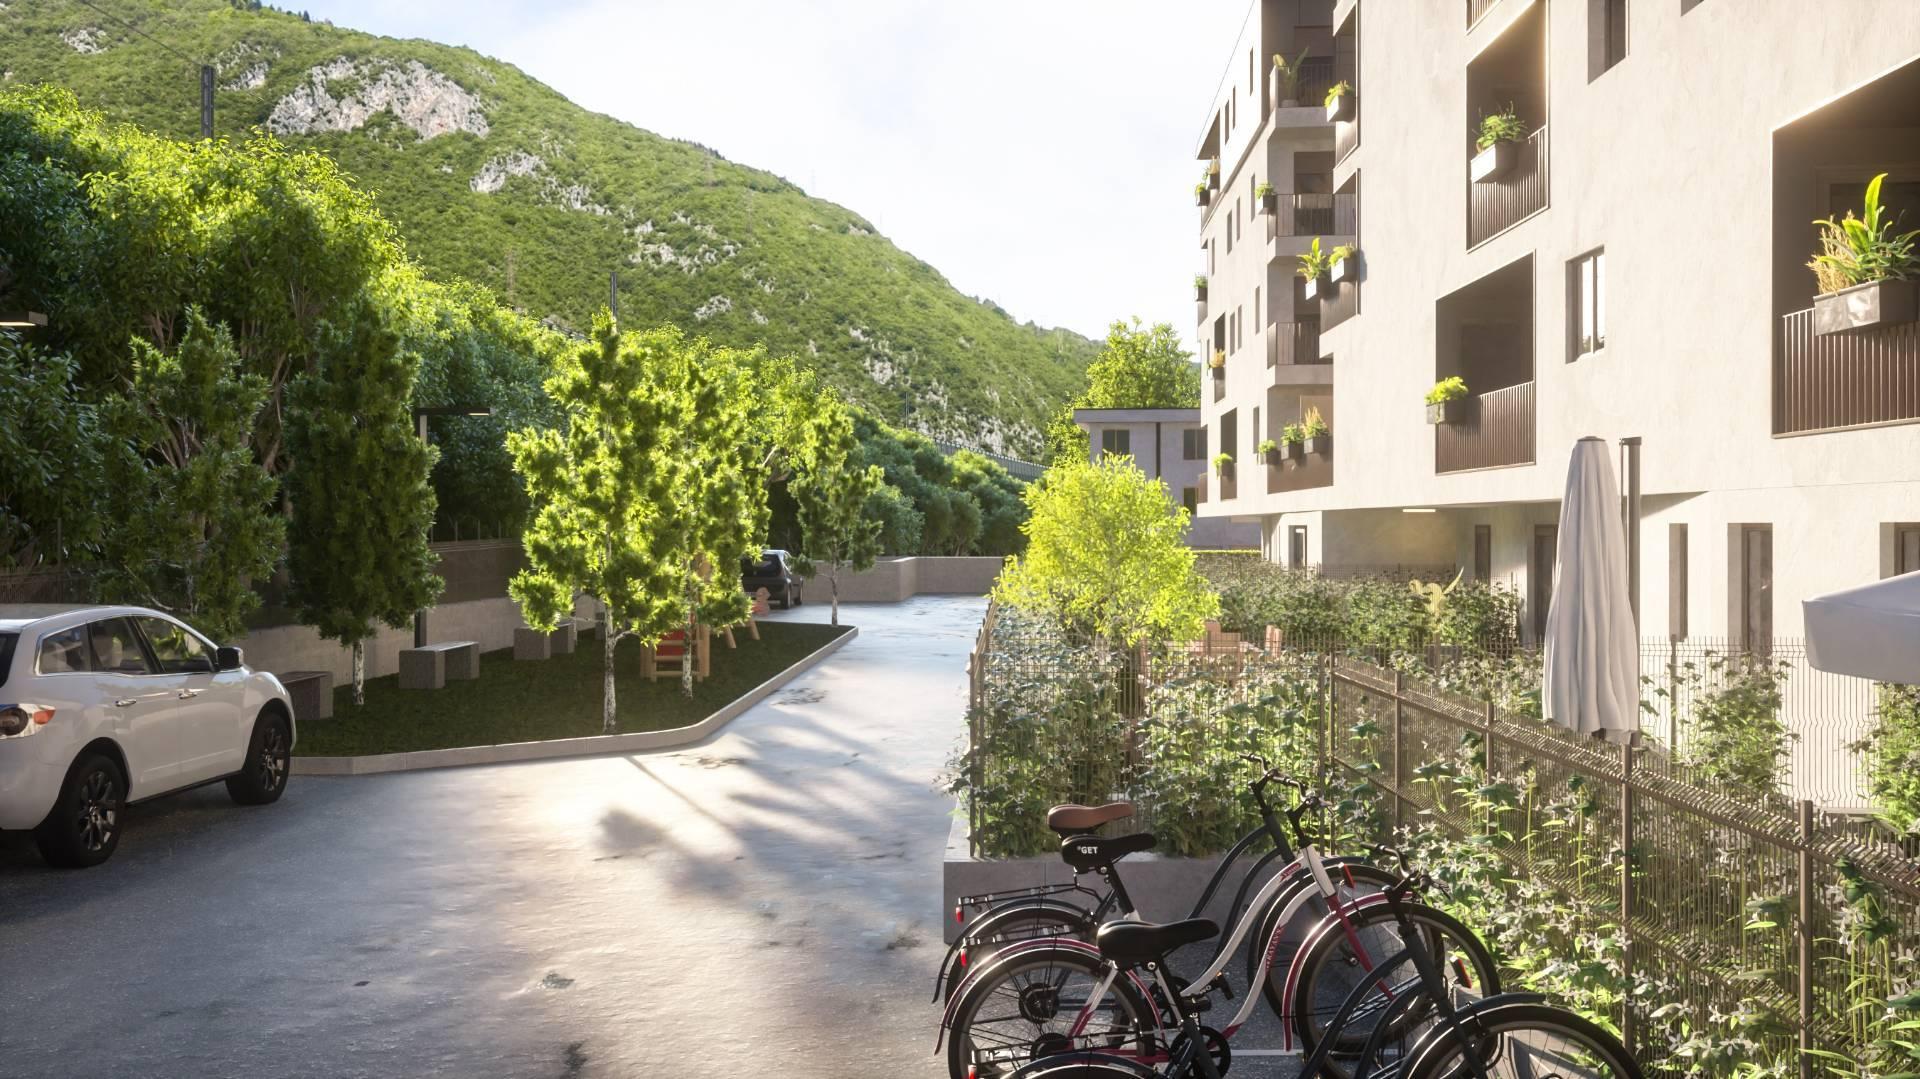 Foto appartamento in vendita a Trento (Trento)